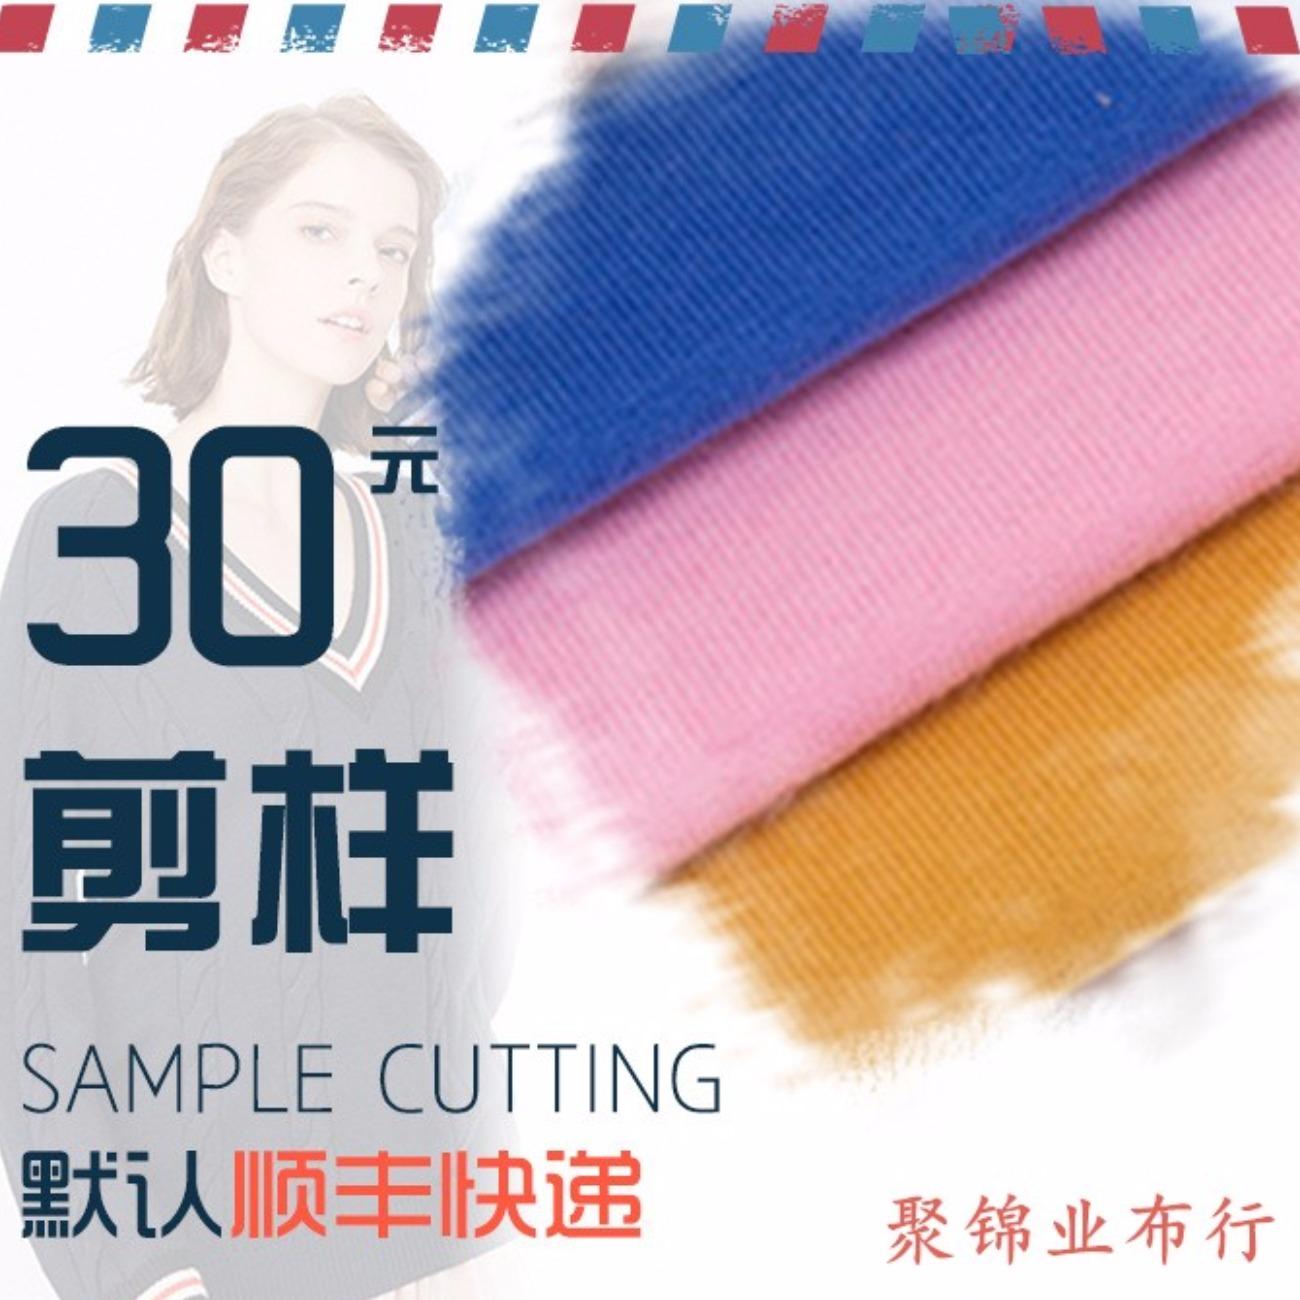 聚锦业布行针织面料 全棉面料 剪版 样版布 码样 差价 剪样专用链接